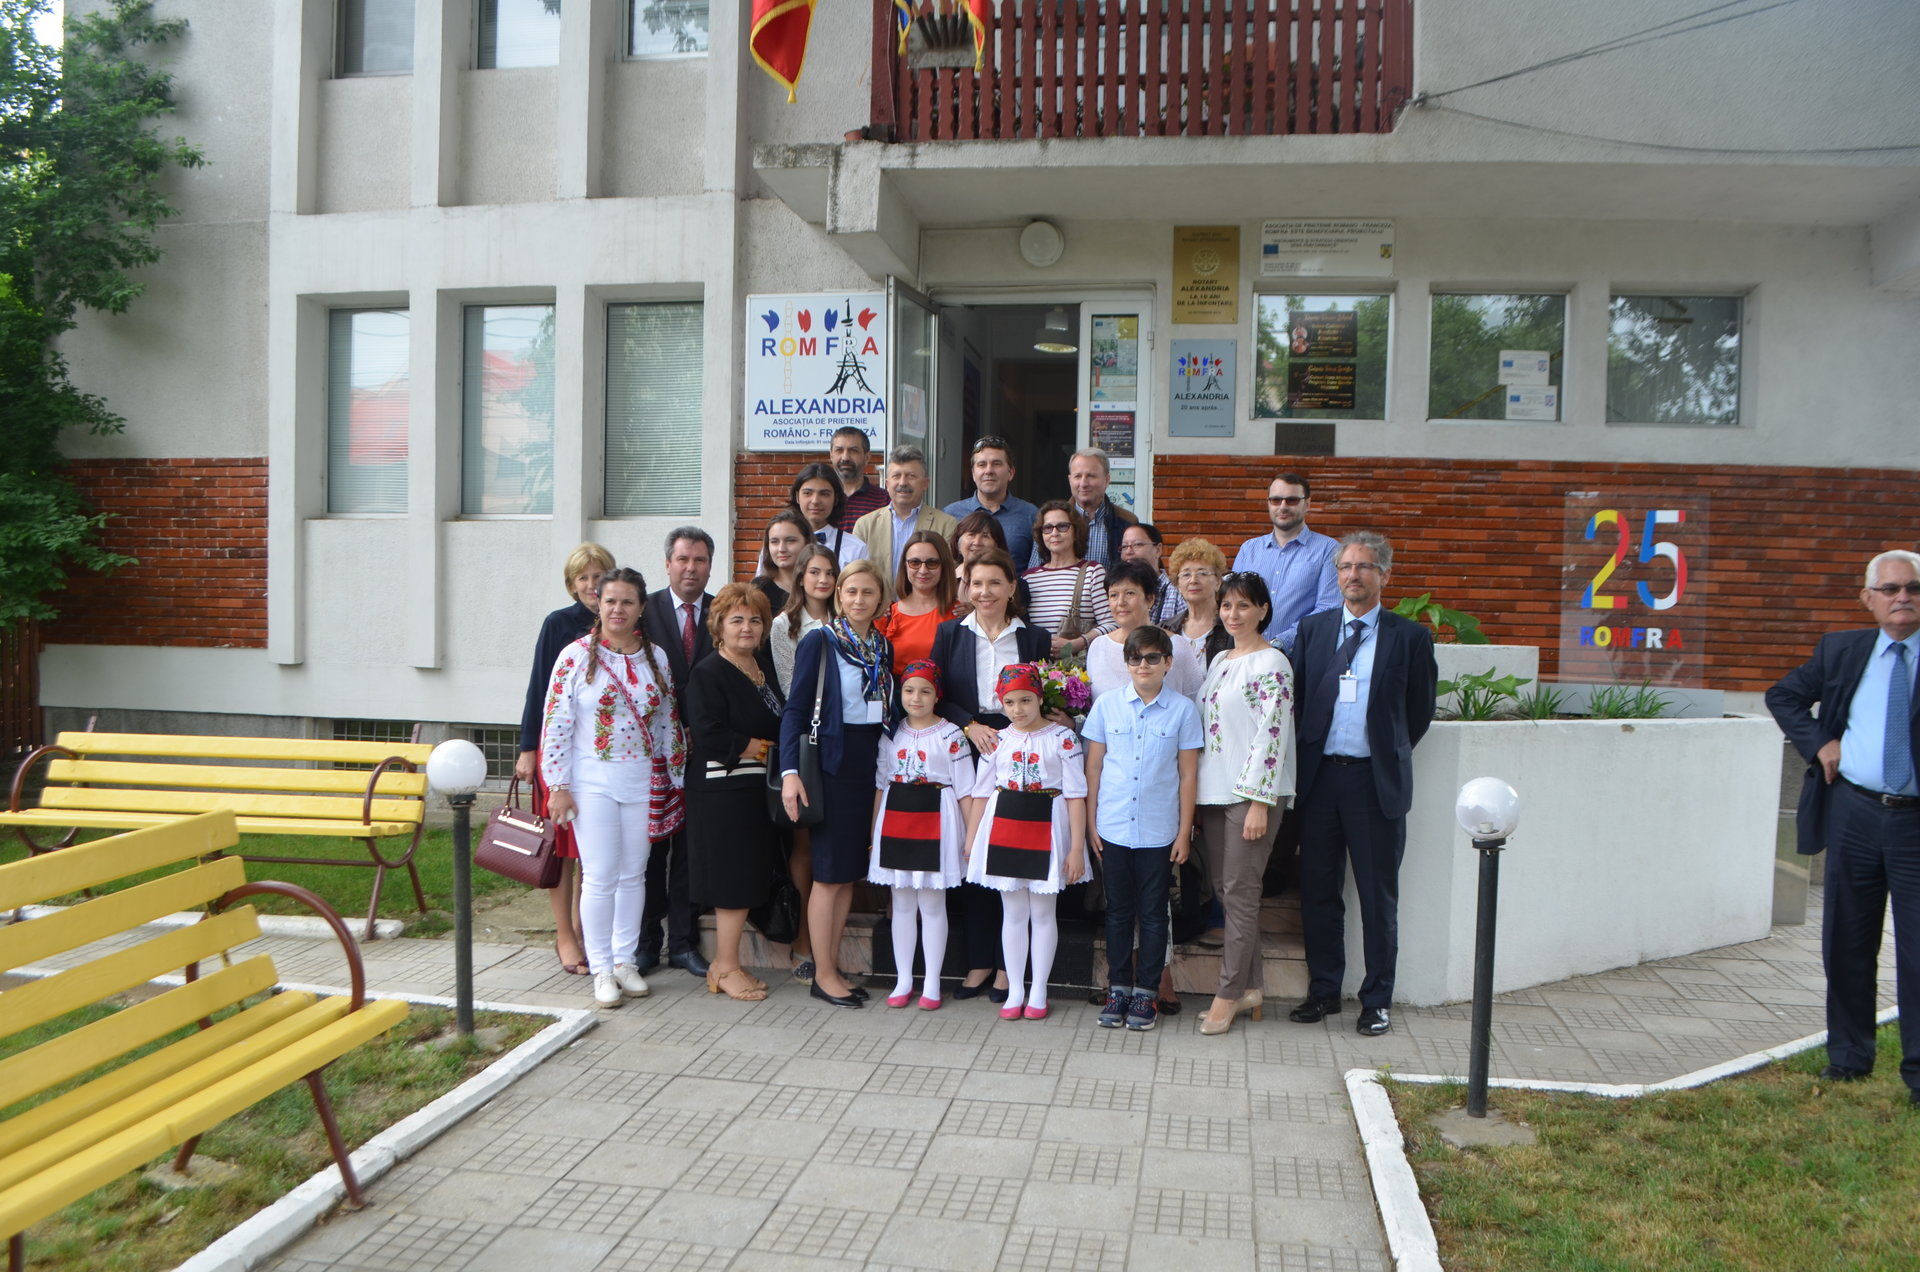 Excelența Sa, Doamna Michèle Ramis, Ambasadoarea Franței în România, în vizită la ROMFRA